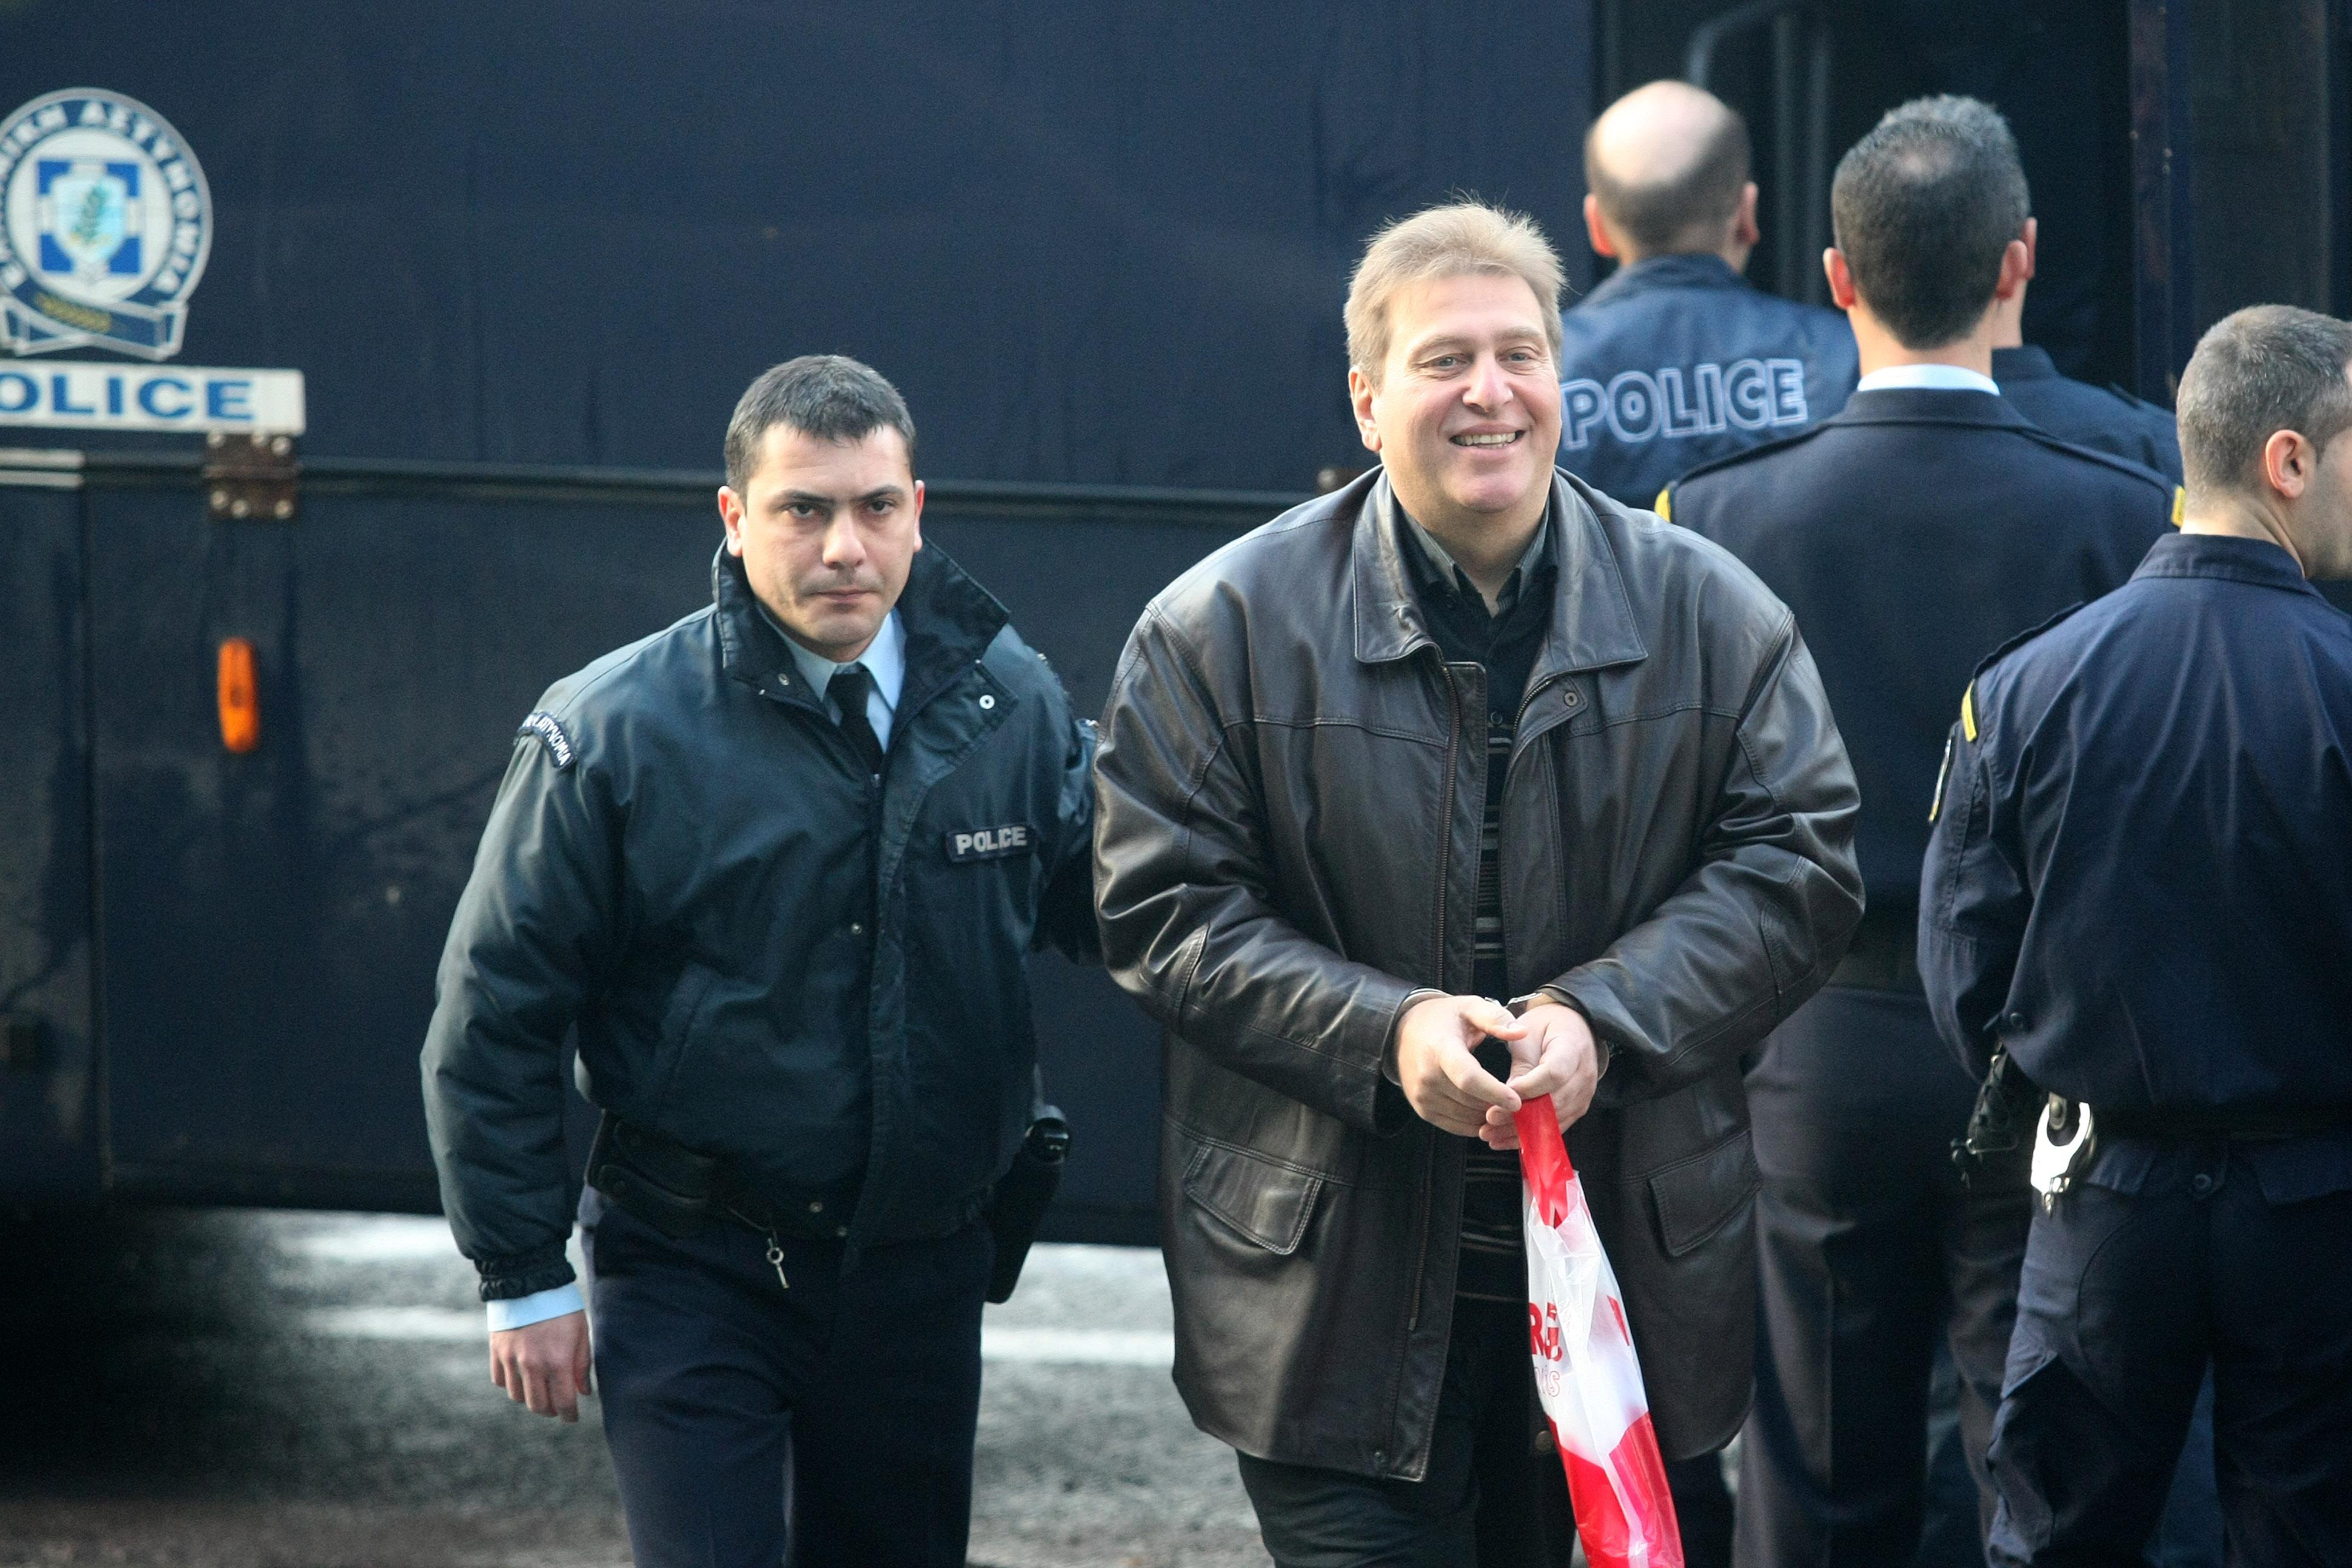 Θεσσαλονίκη: Συνεχίζεται η δίκη στο Εφετείο για τη υπεξαίρεση   tovima.gr